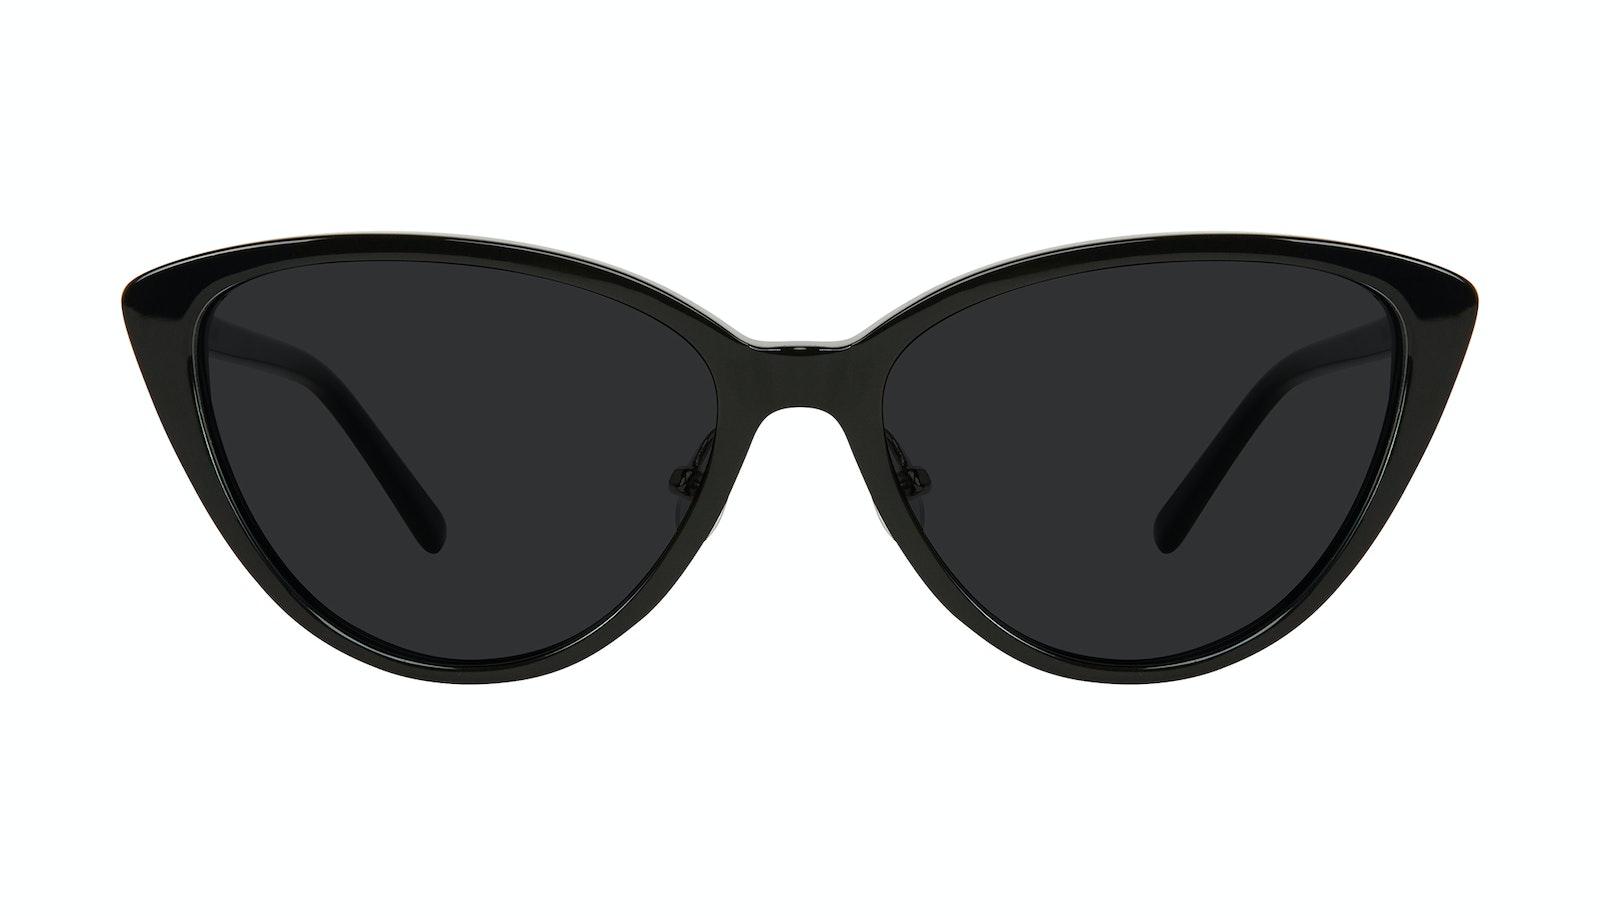 Lunettes tendance Oeil de chat Lunettes de soleil Femmes Sunset Onyx